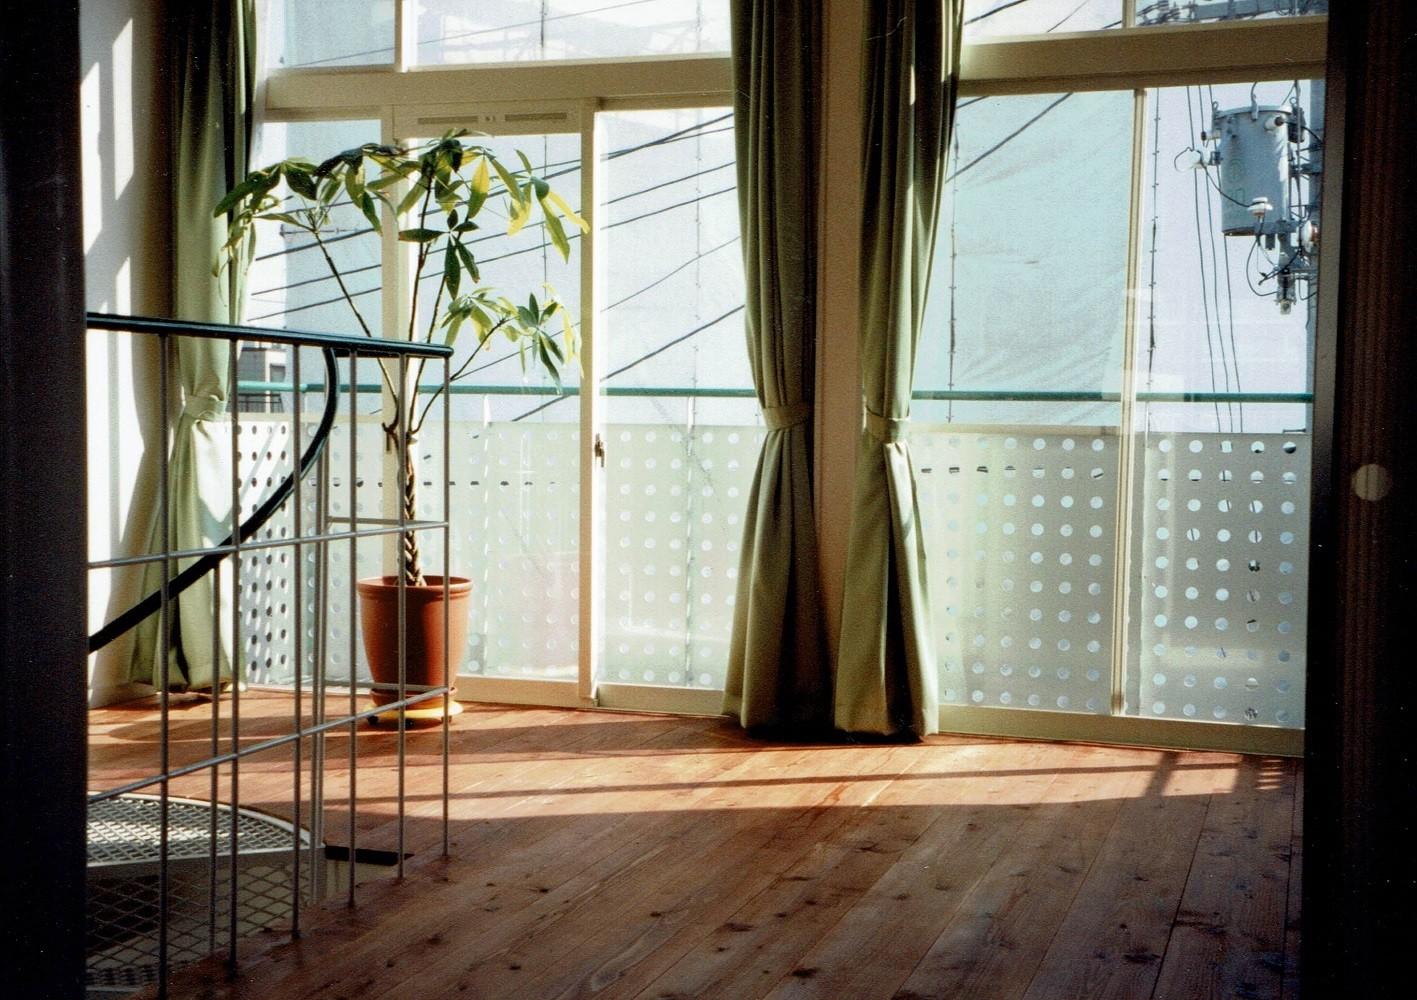 リビングダイニング事例:3階リビング(広く魅せる工夫を凝らす狭小住宅:鉄骨構造の小さい住宅)